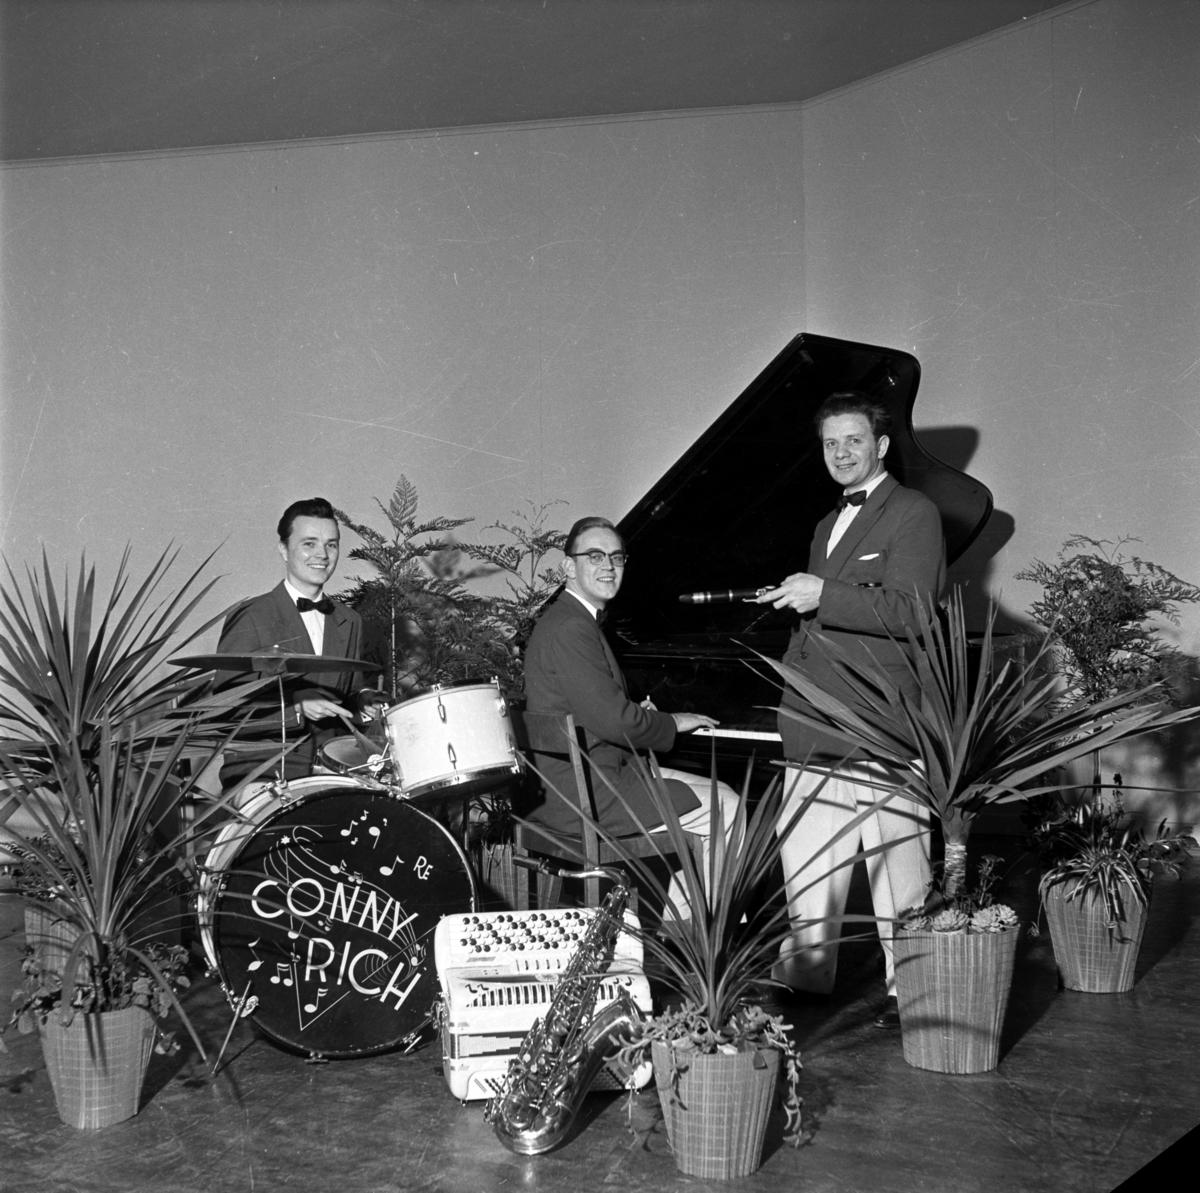 Conny Rich med klarinett och 2 musiker, Per Gerdin vid flygeln.